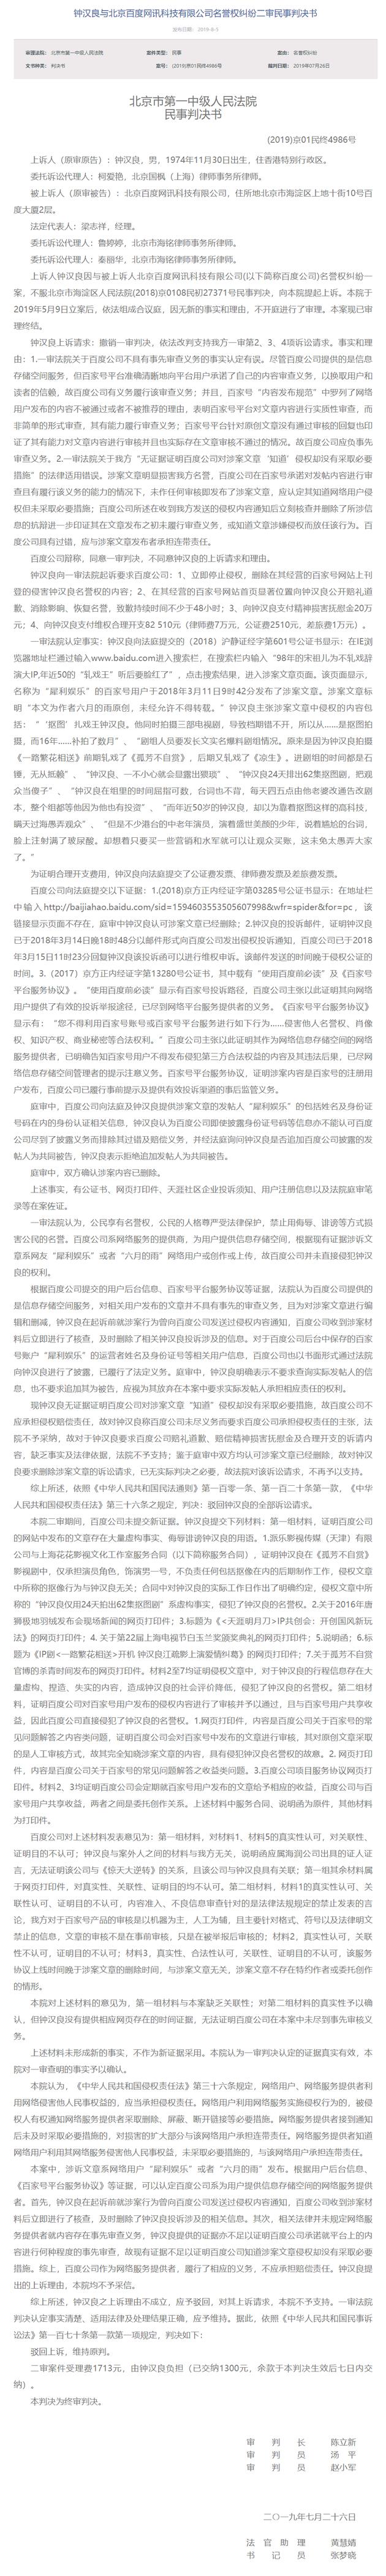 北京法院审判信息网的二审裁判文书